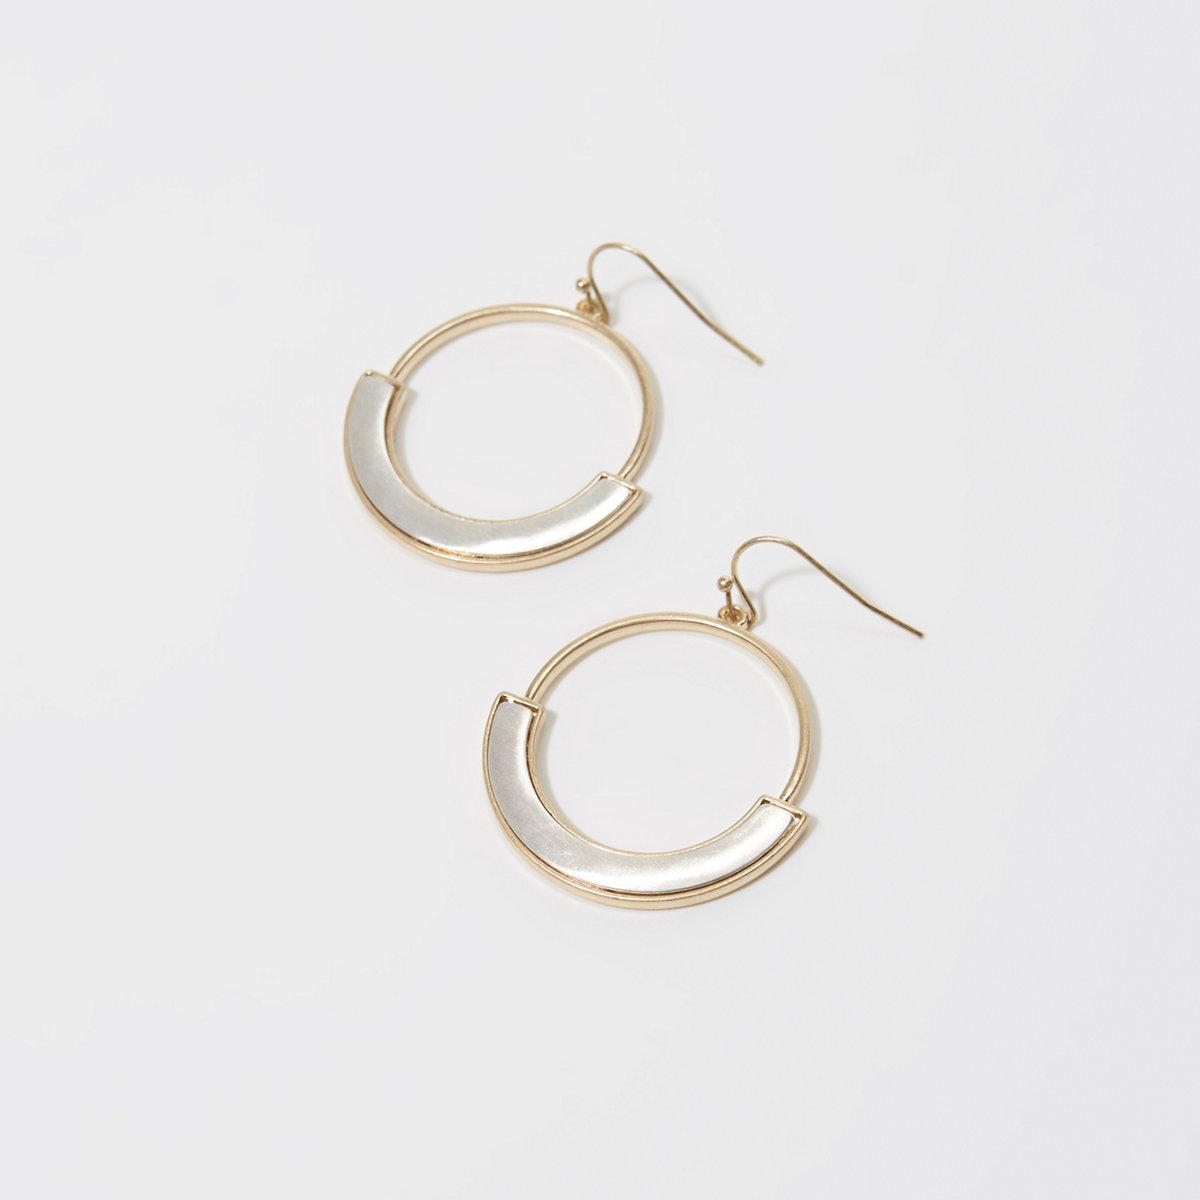 Brushed Hoop Earrings